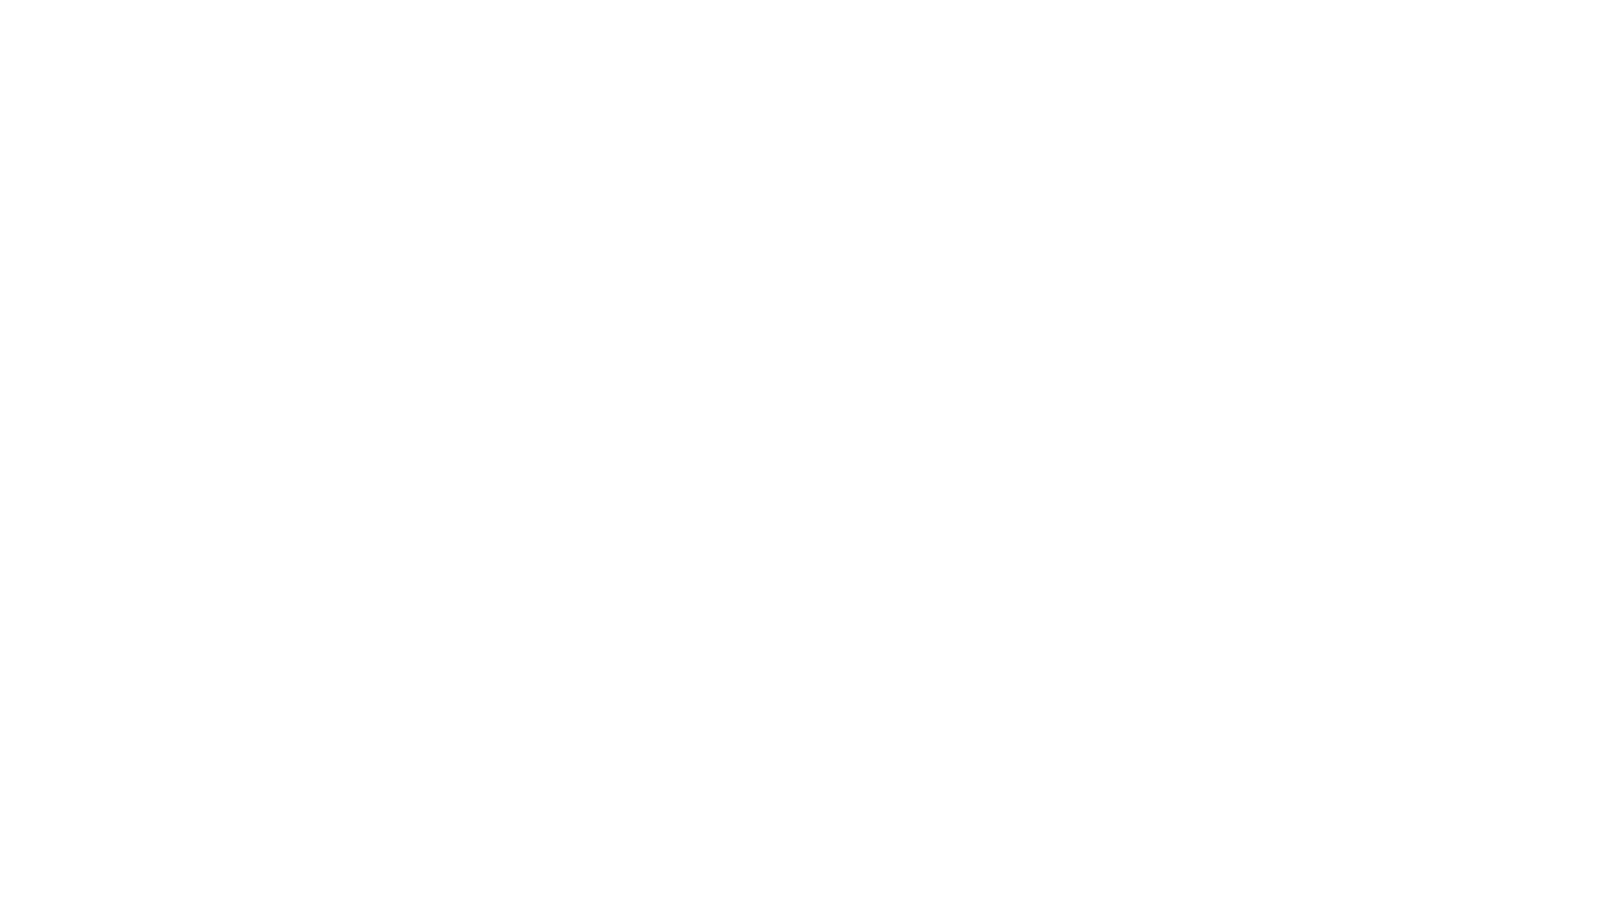 La Red Anticorrupción Latinoamericana (ReAL) ha venido monitoreando desde el año 2020 los estándares de transparencia y prevención de conflictos de intereses durante la pandemia, levantando alertas y visibilizando buenas prácticas en la región. A los indicadores utilizados en 2020 ahora, además, se suman indicadores de transparencia en relación a los procesos vacunación que se están implementando en todos los países. Este video analiza la situación y los indicadores de Ecuador.